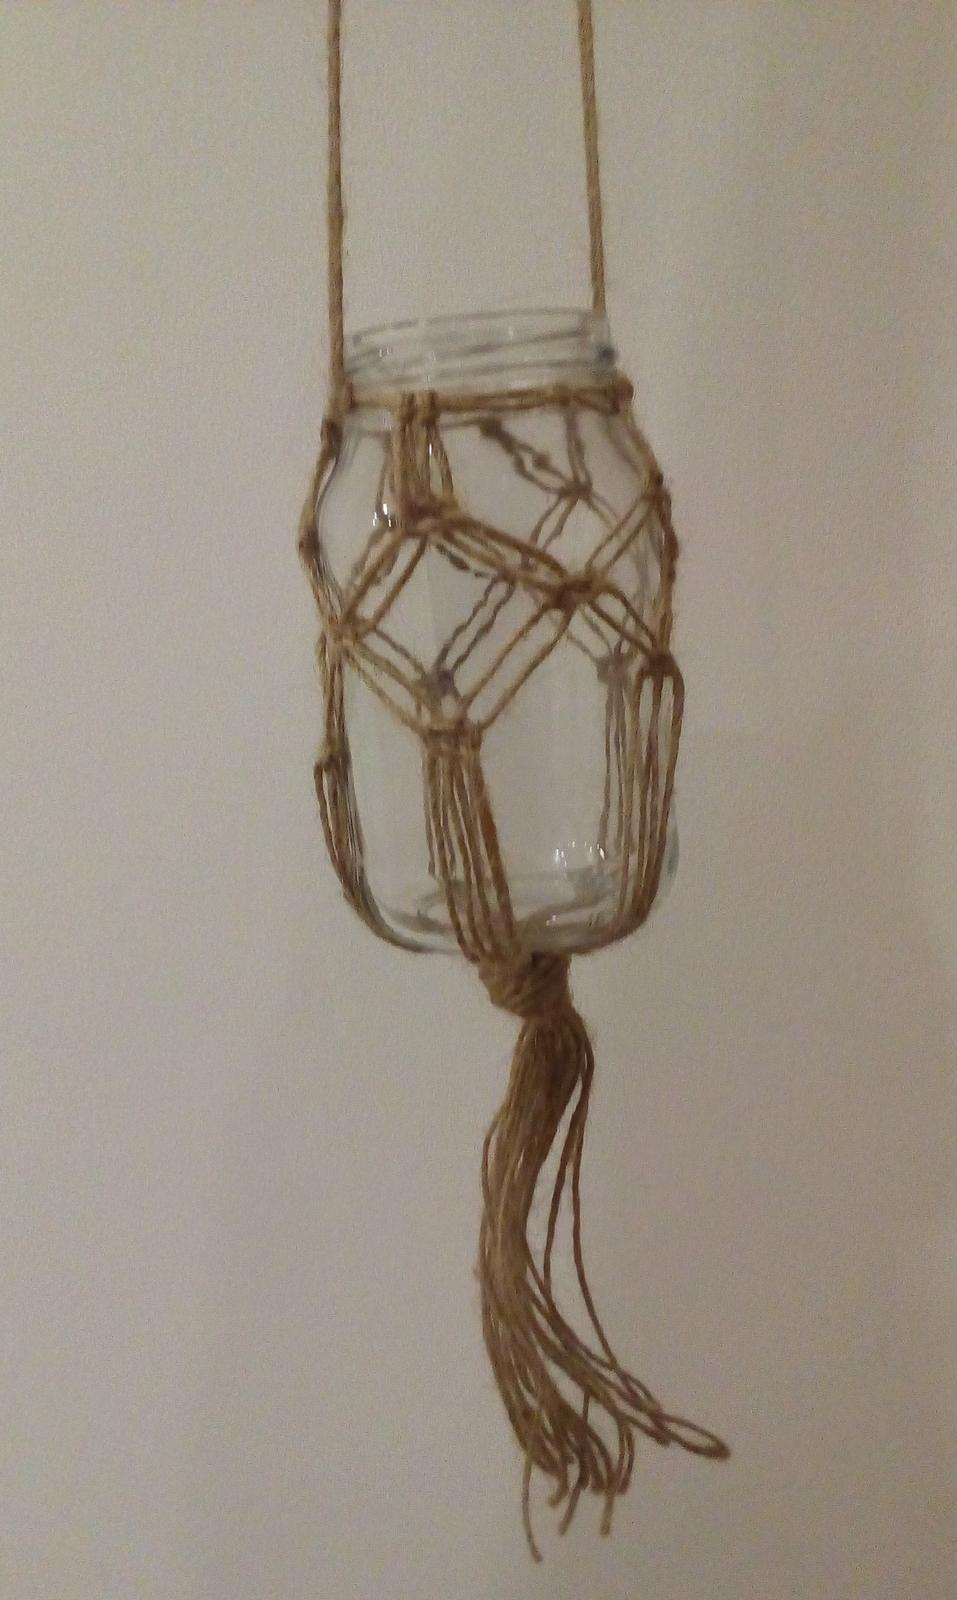 Závěsná sklenice na svíčku/vázička - Obrázek č. 1